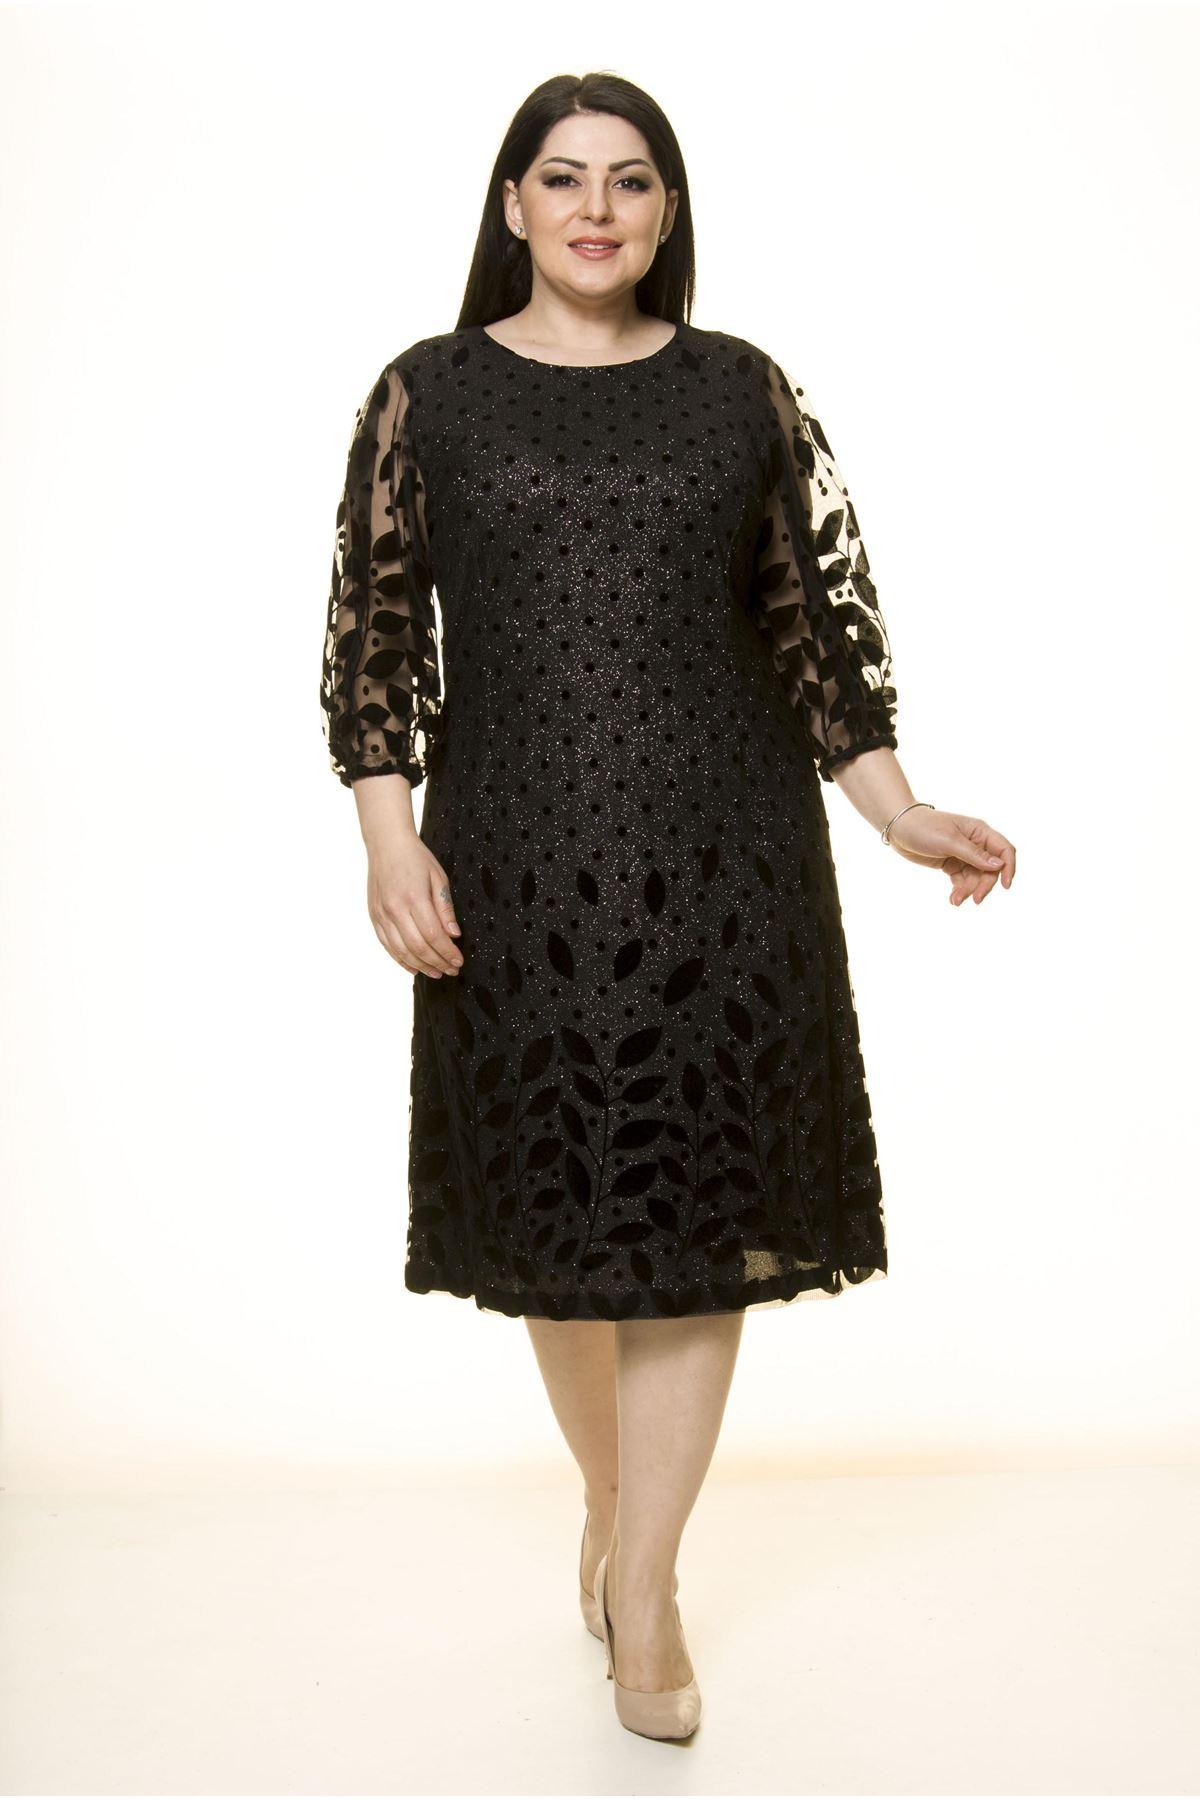 Siyah Lame Astarlı Büyük Beden Elbise J10-1746